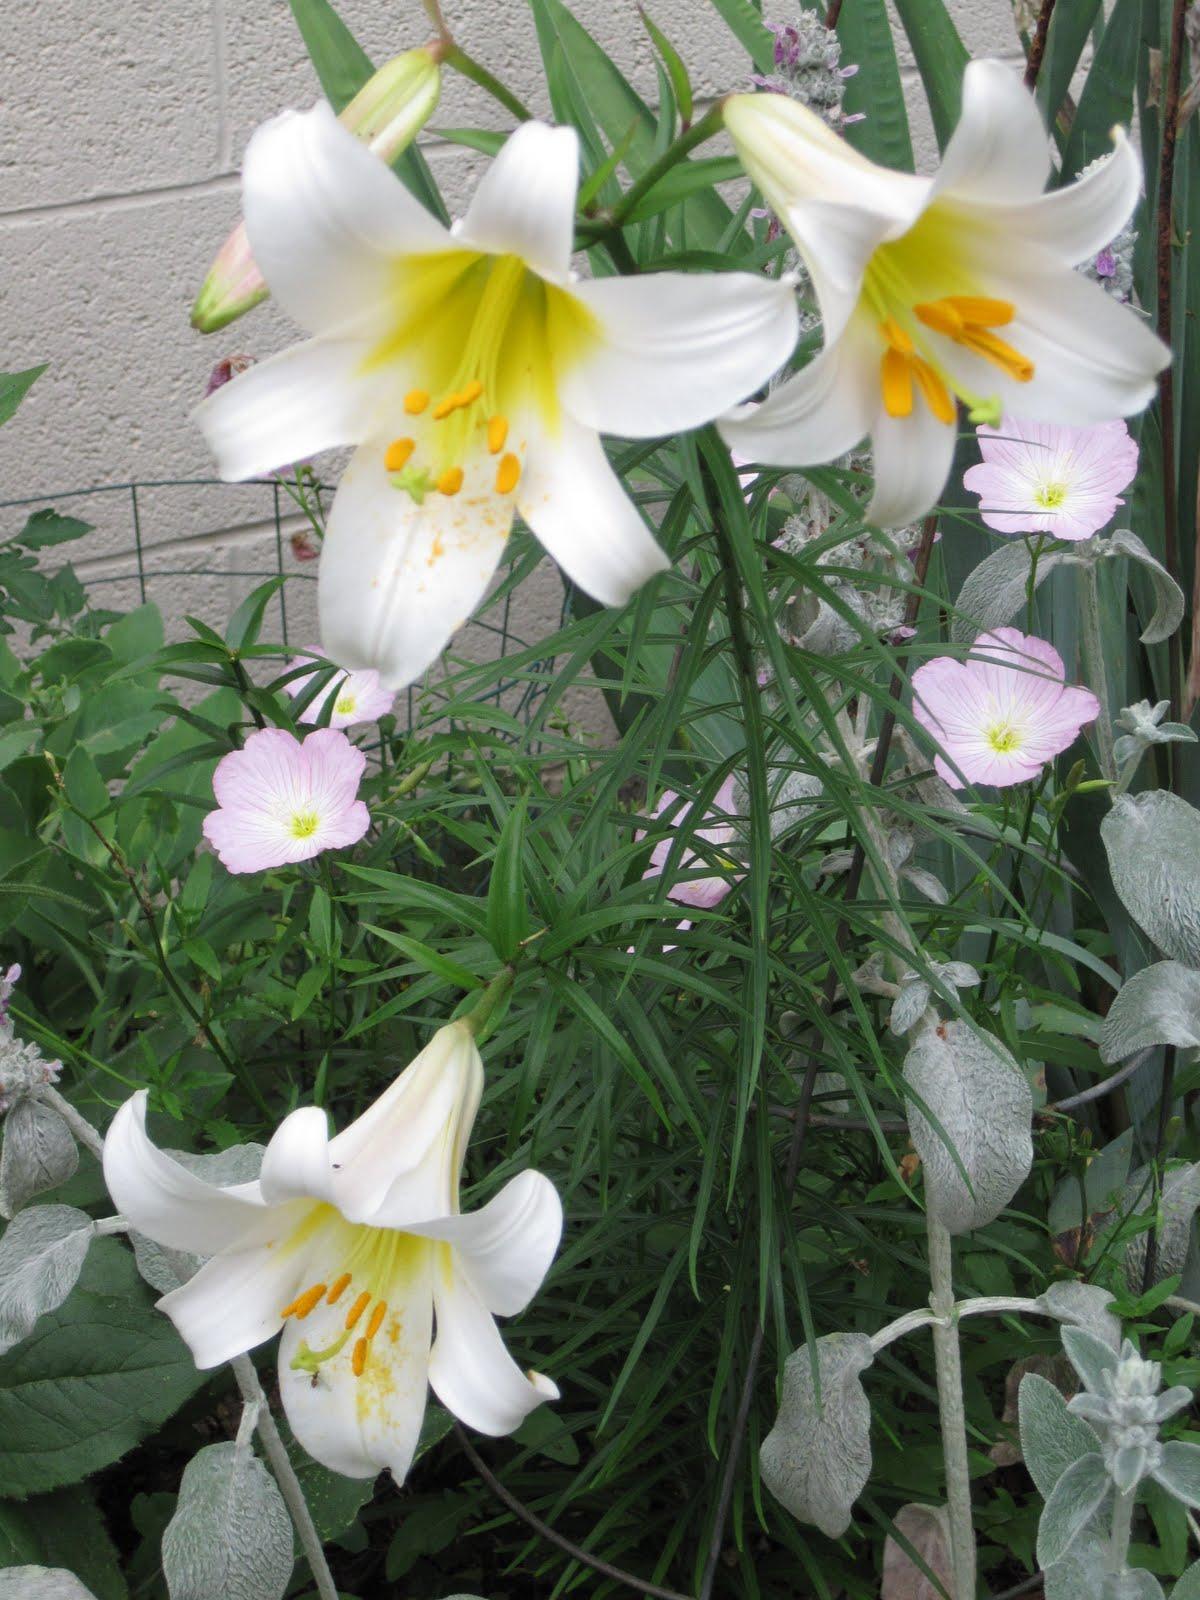 http://2.bp.blogspot.com/_REFQsoWO0rY/TArC8vAzpBI/AAAAAAAAAMM/GRck56-JgNw/s1600/Lily%2B2010.JPG